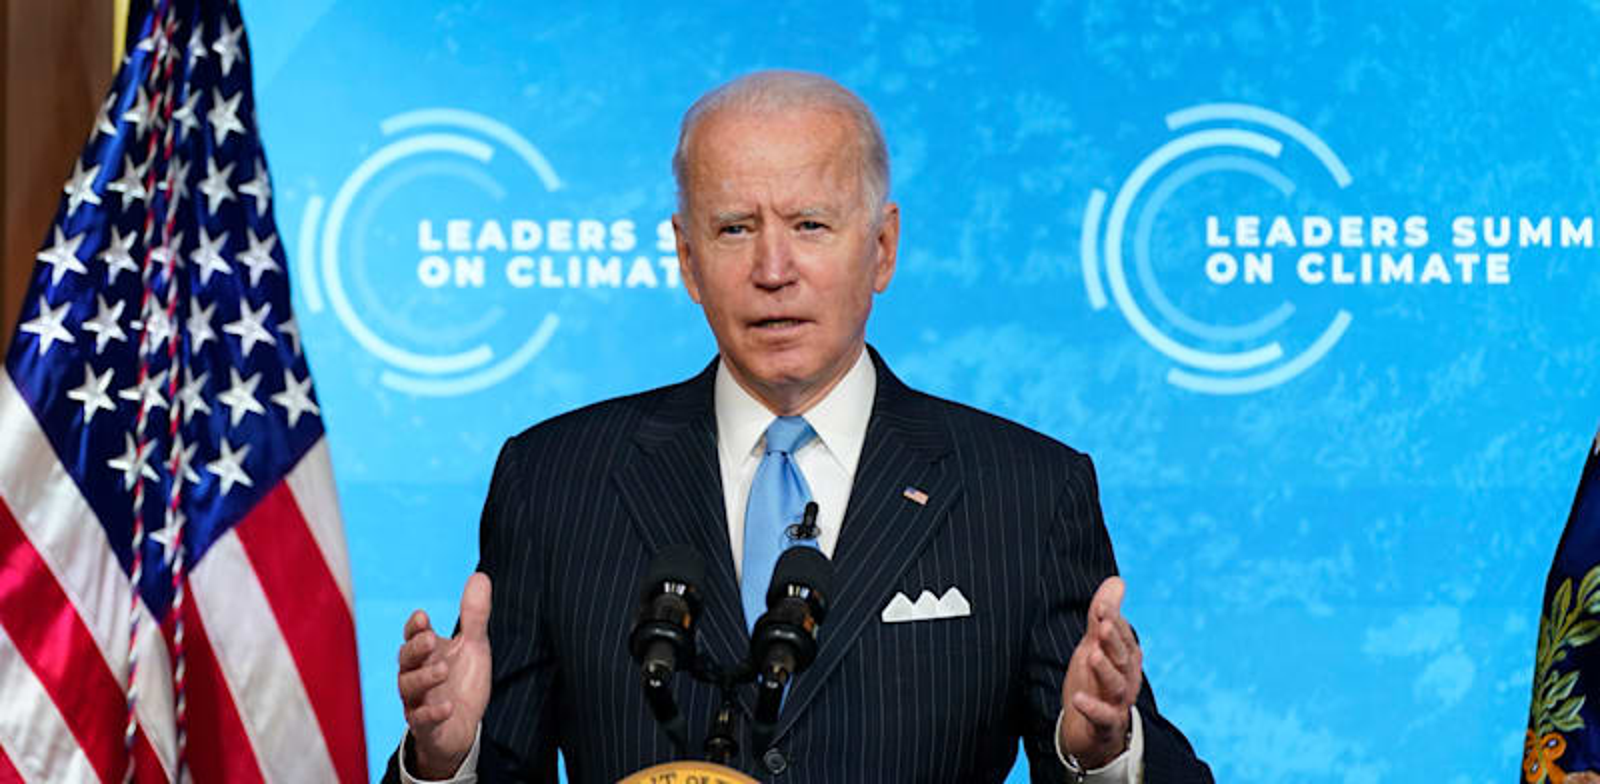 ג'ו ביידן בפסגת האקלים. המדיניות החדשה תהווה מנוע ליצירת מקומות עבודה / צילום: Associated Press, Evan Vucci